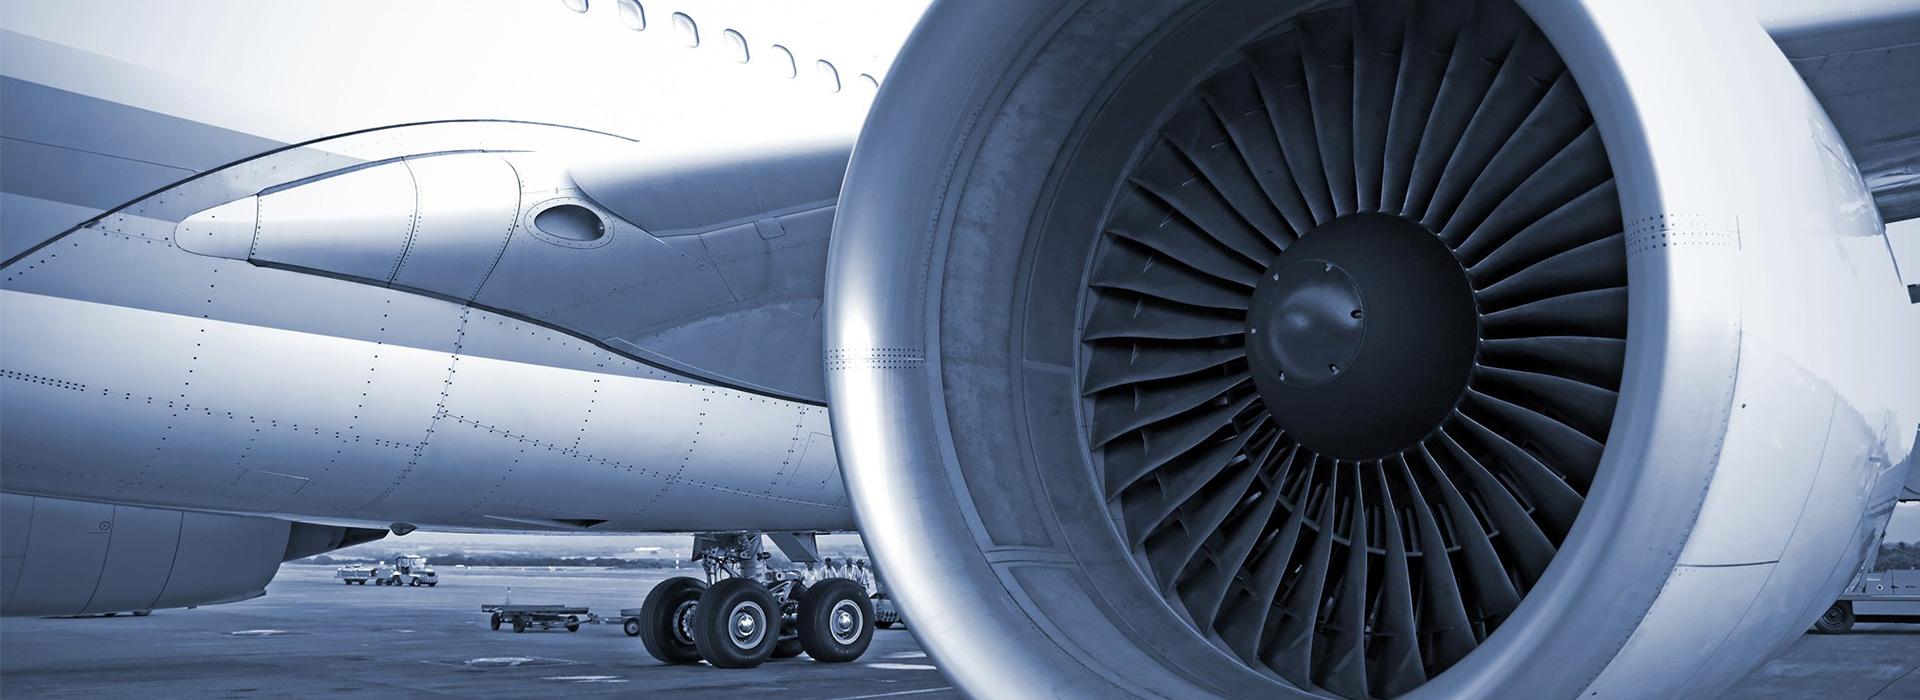 sviluppo-progetti-aeronautica3